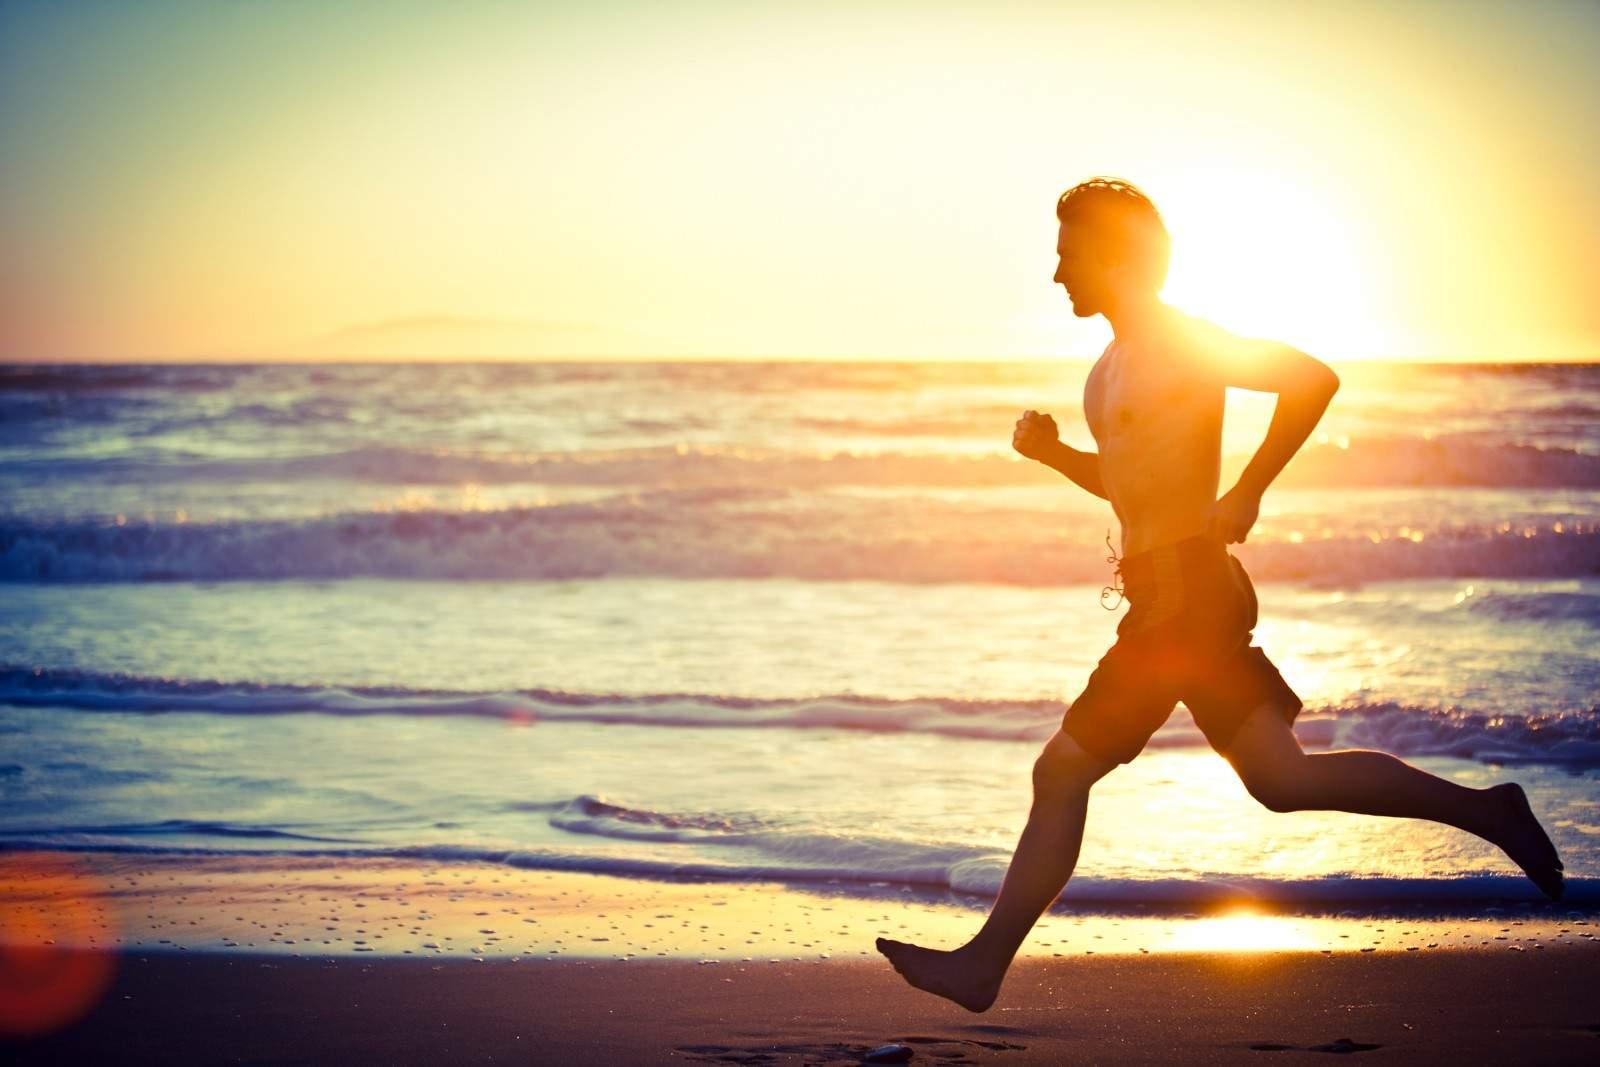 چگونه لاغر شویم,چگونه با ورزش لاغر شویم,لاغری با ورزش